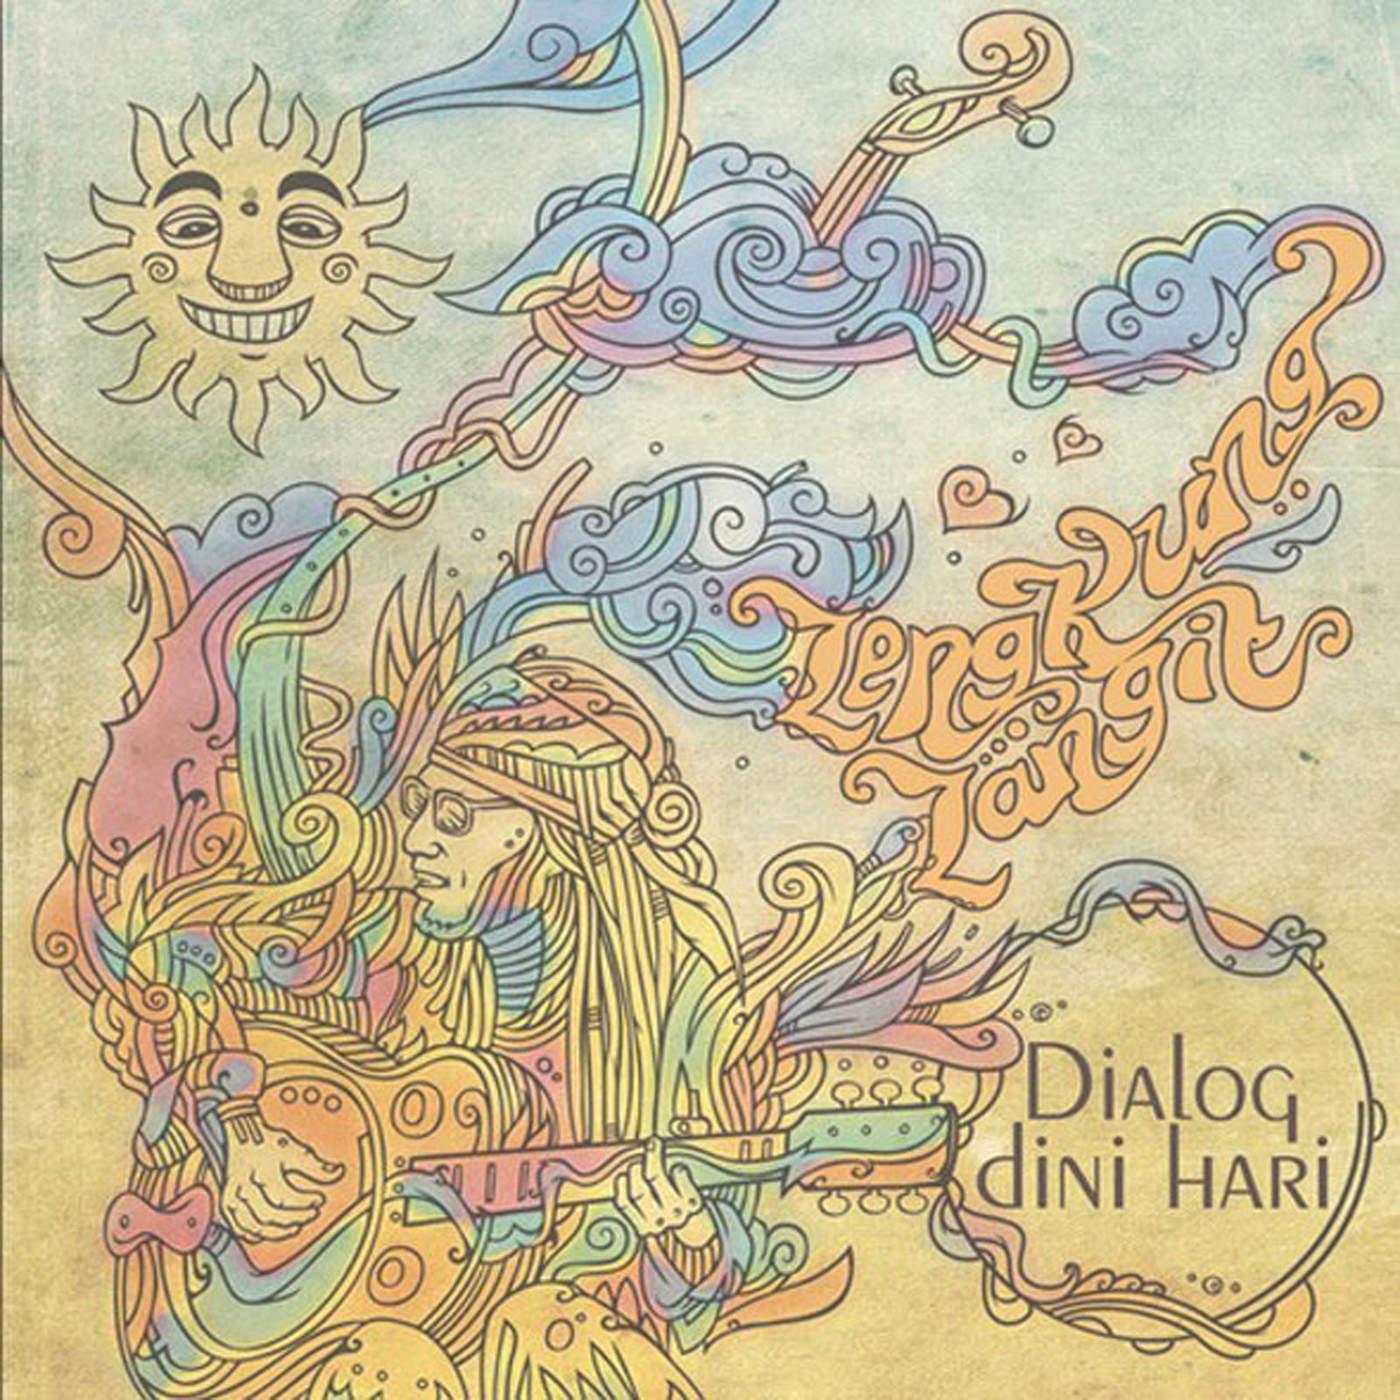 Dialog Dini Hari - Lengkung Langit - EP (2012) [iTunes Plus AAC M4A]